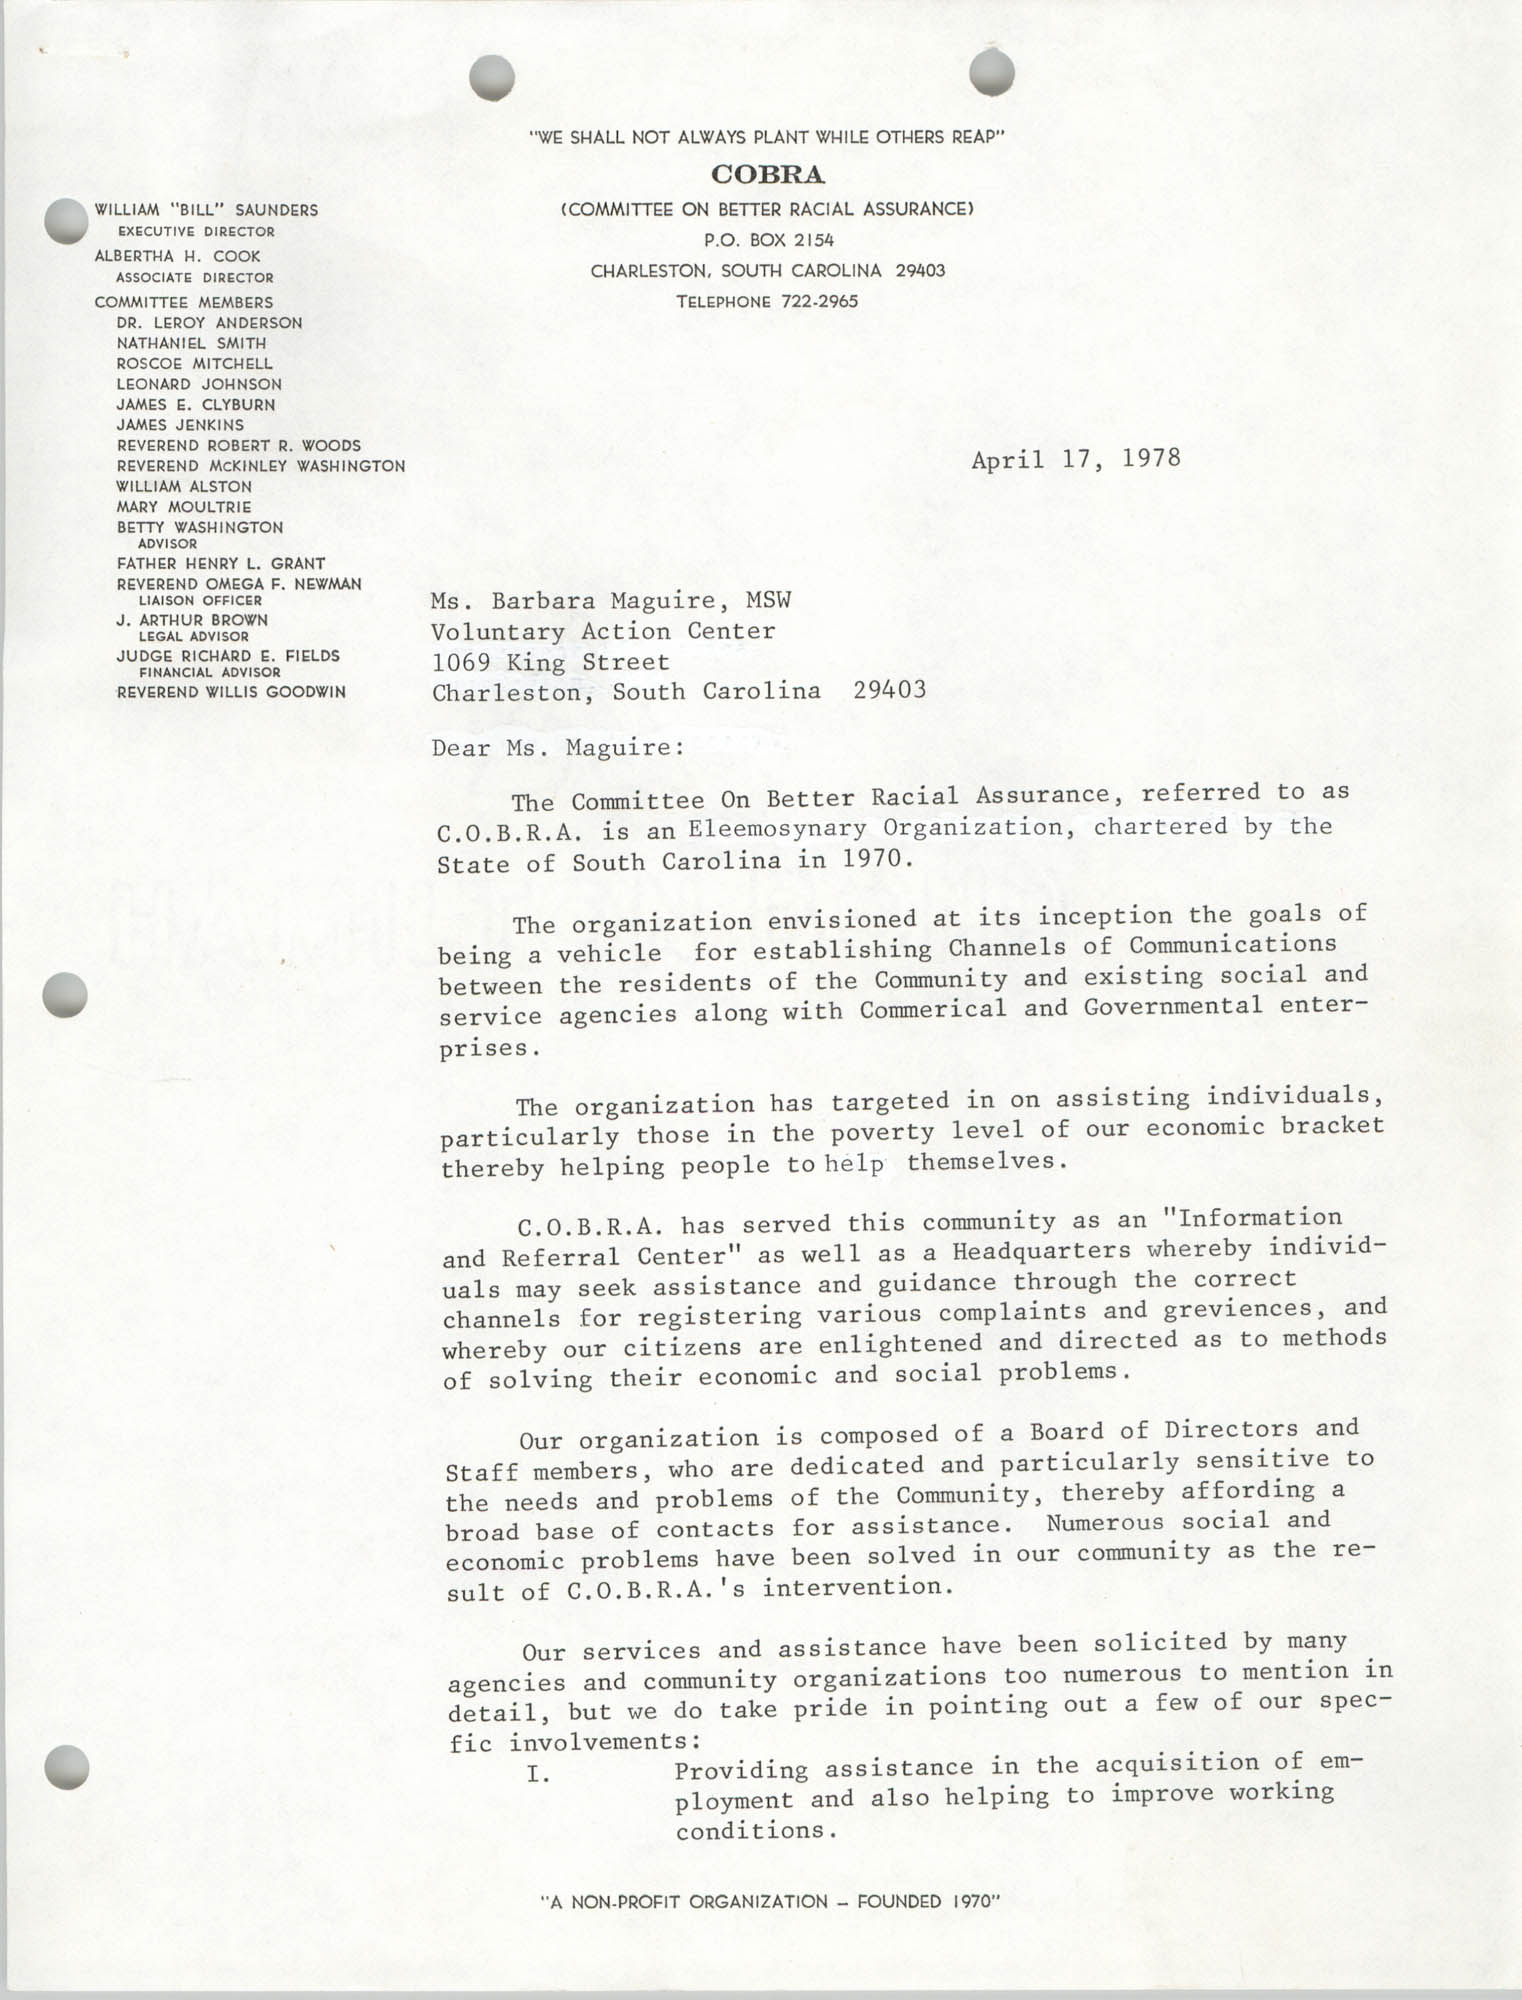 COBRA Memorandum, April 17, 1978